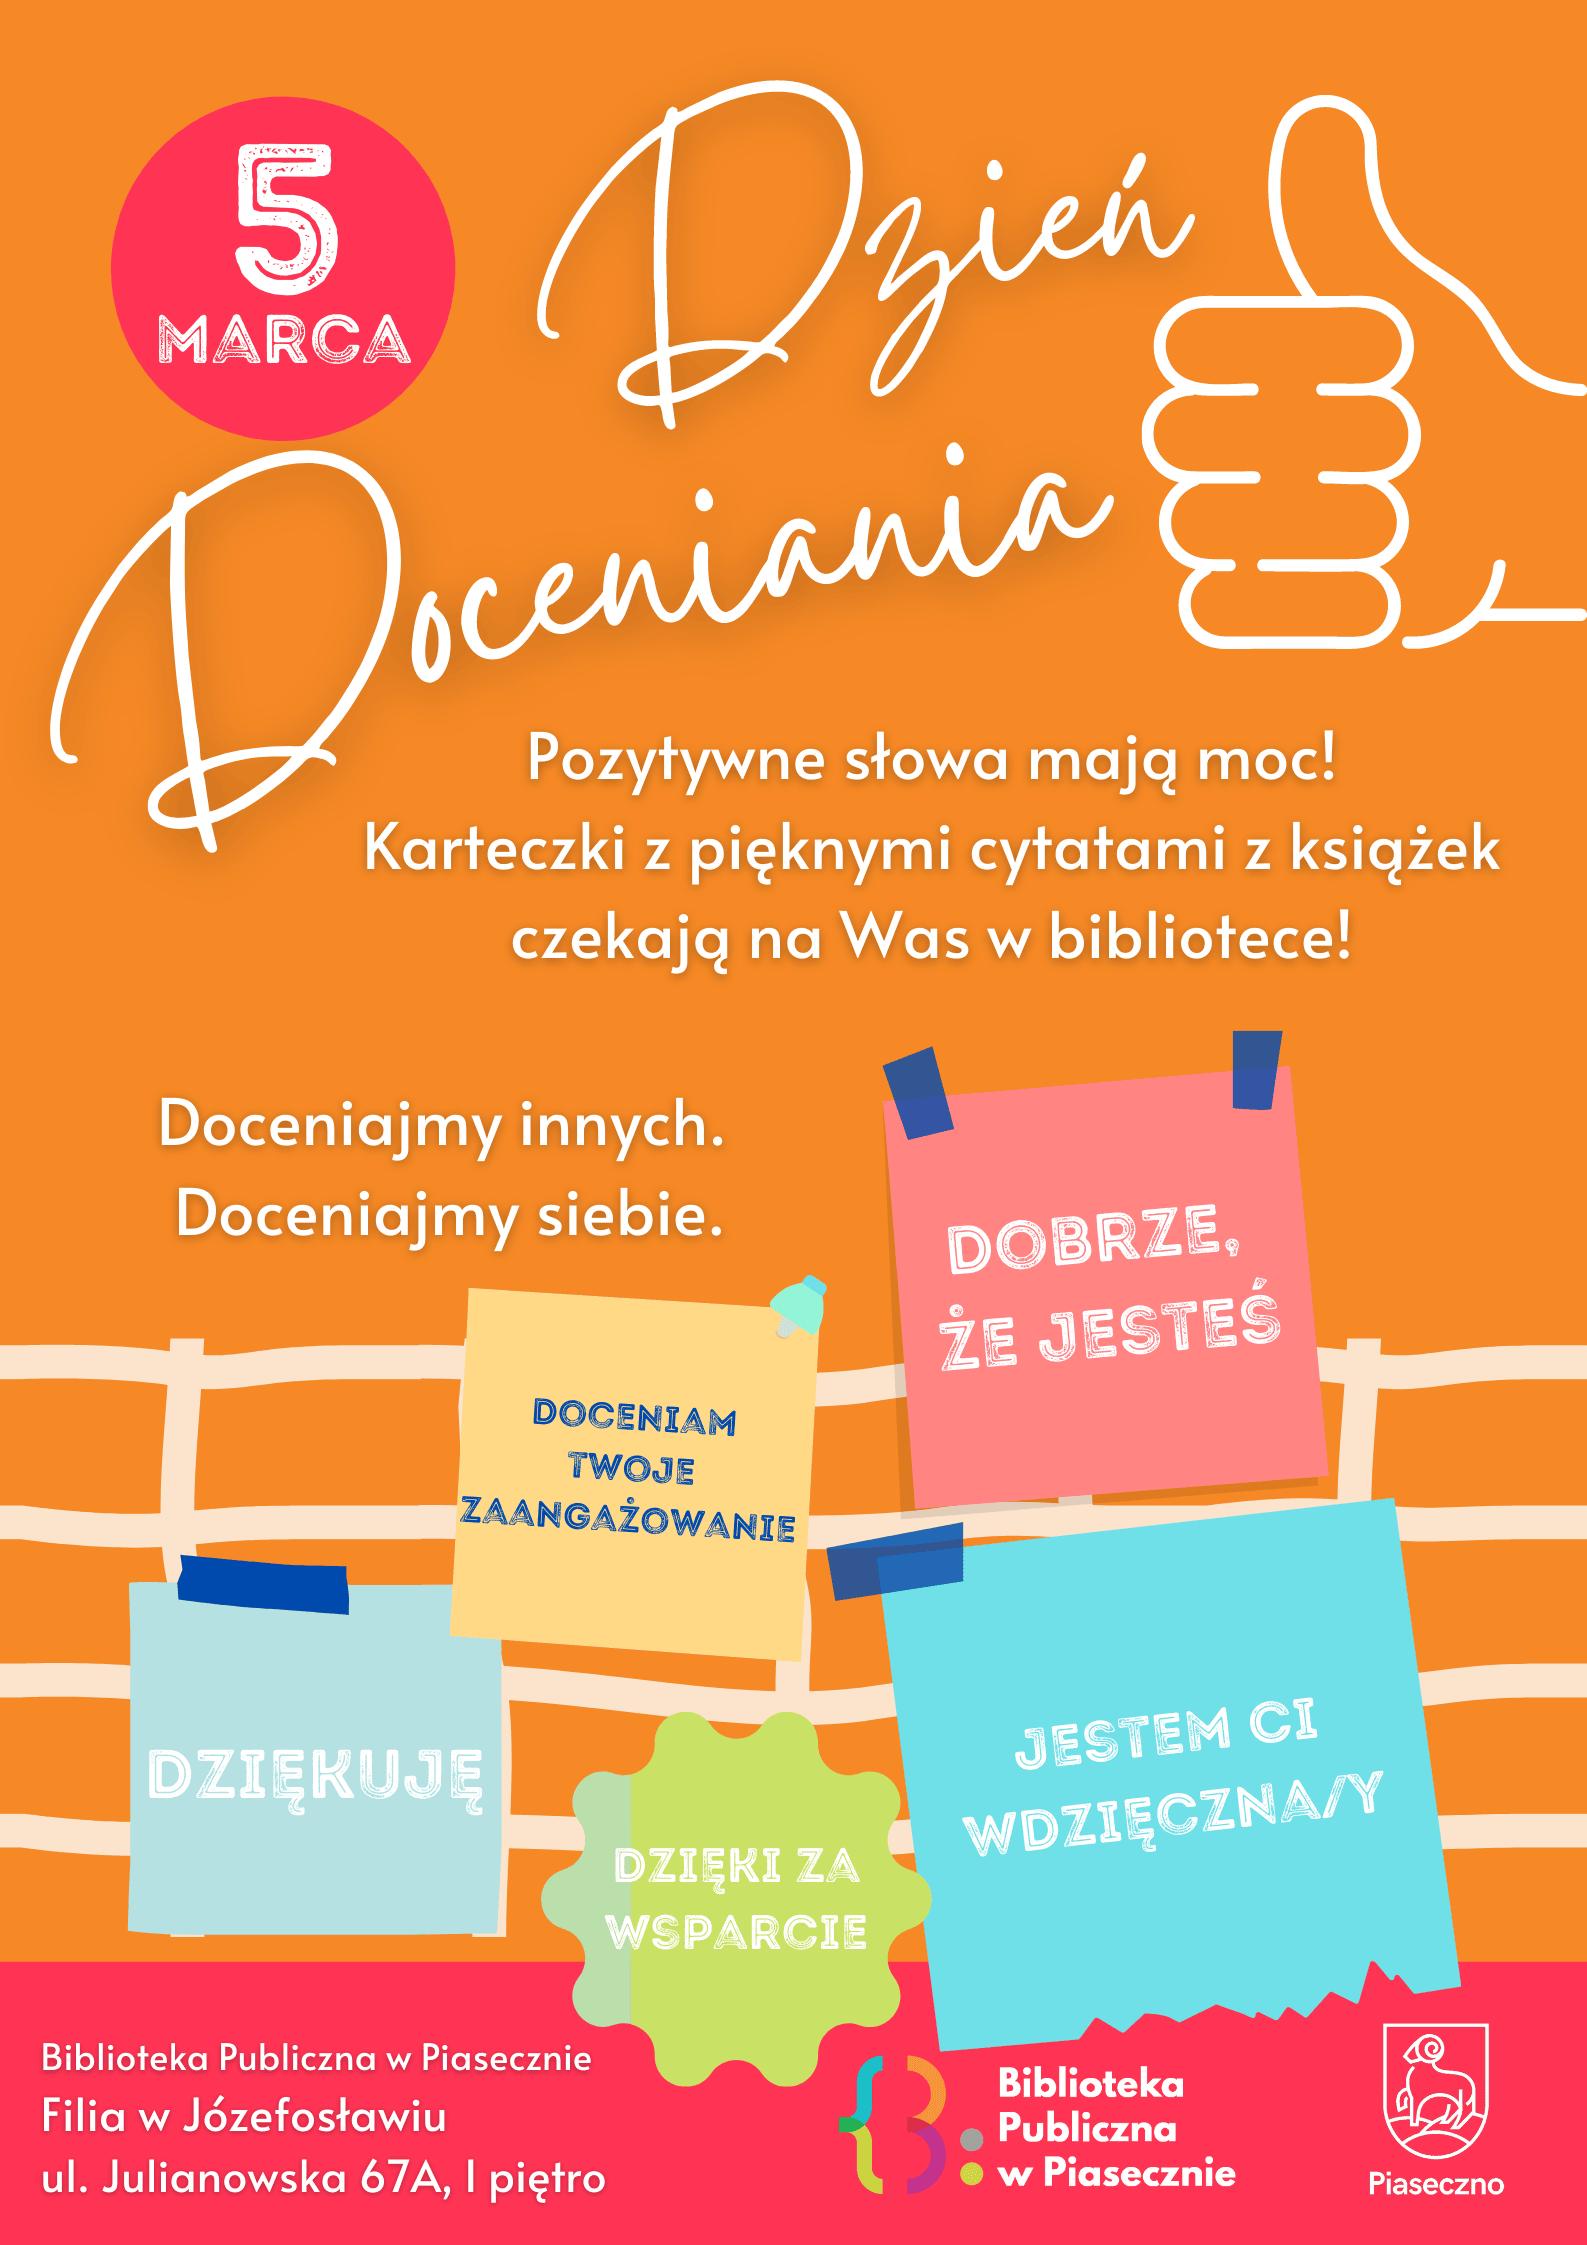 Plakat promujący Dzień Doceniania